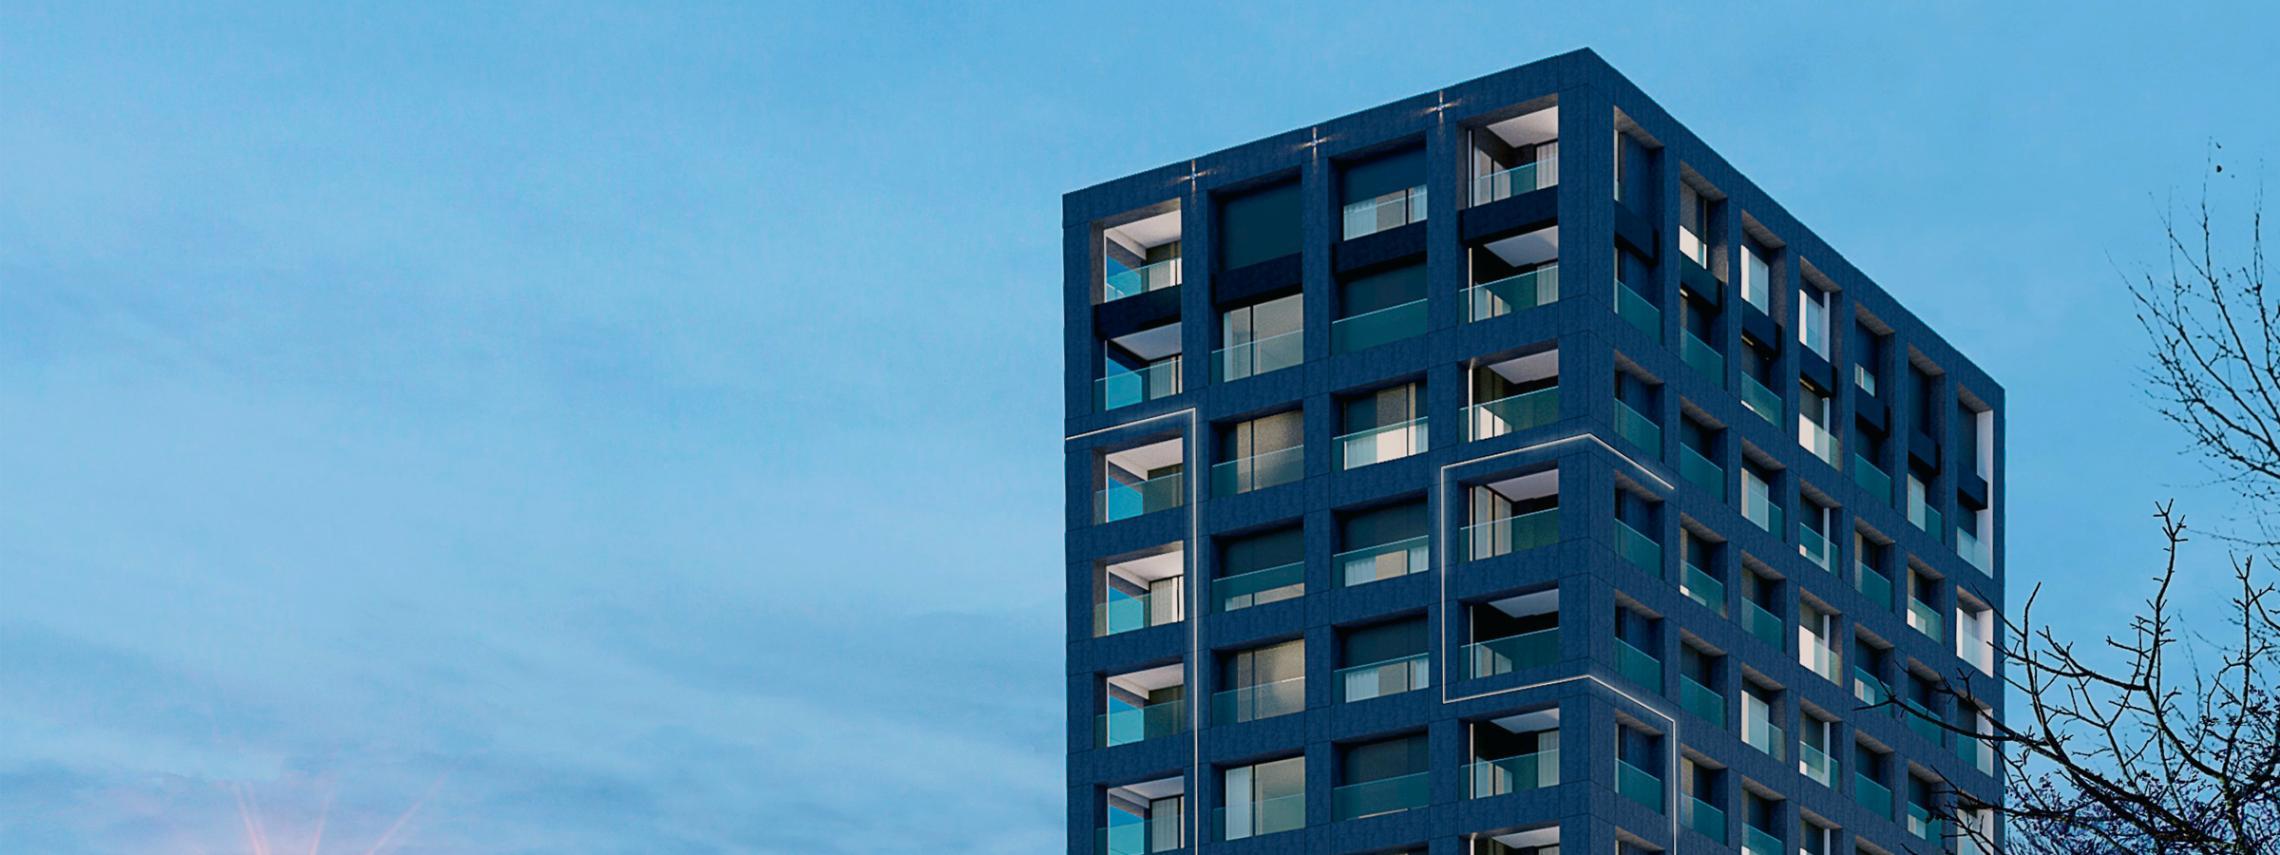 Pilotage de projets immobiliers